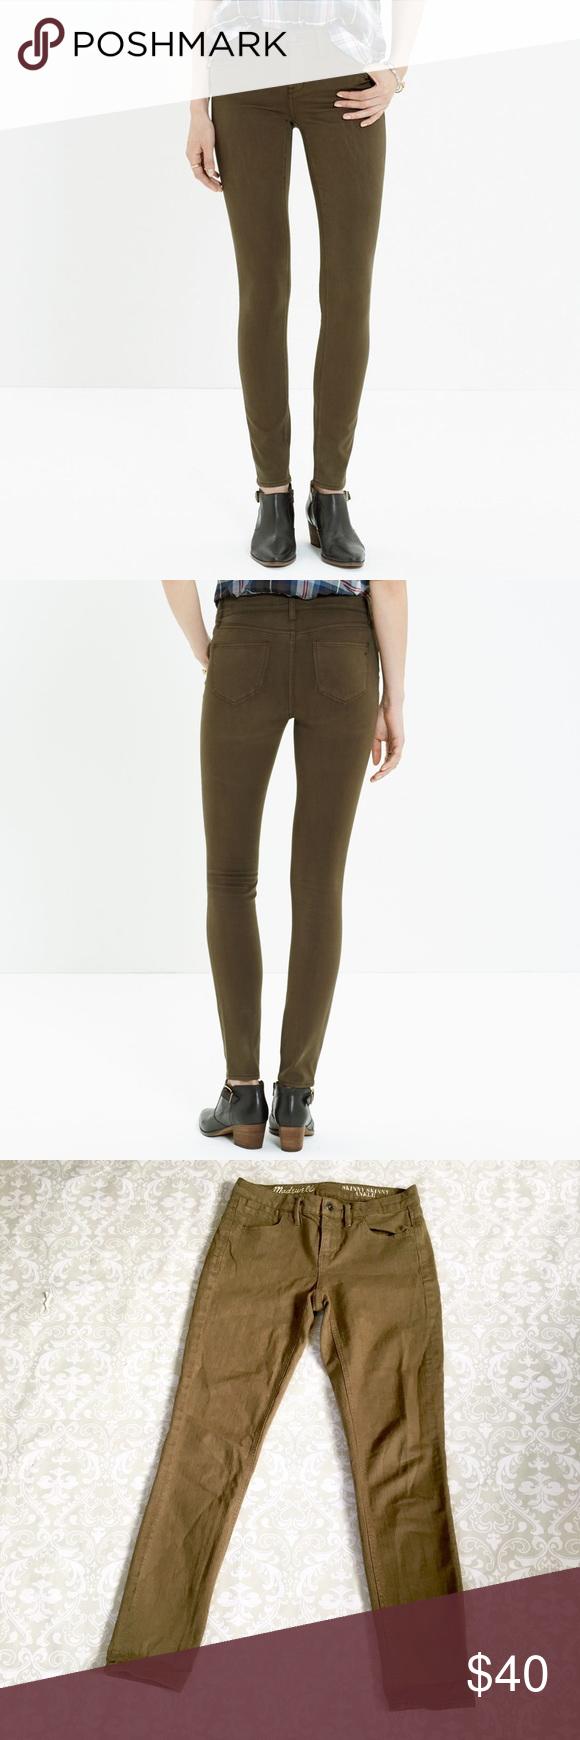 Madewell skinny olive jeans Madewell skinny skinny olive jeans. Size 26 Madewell Jeans Skinny